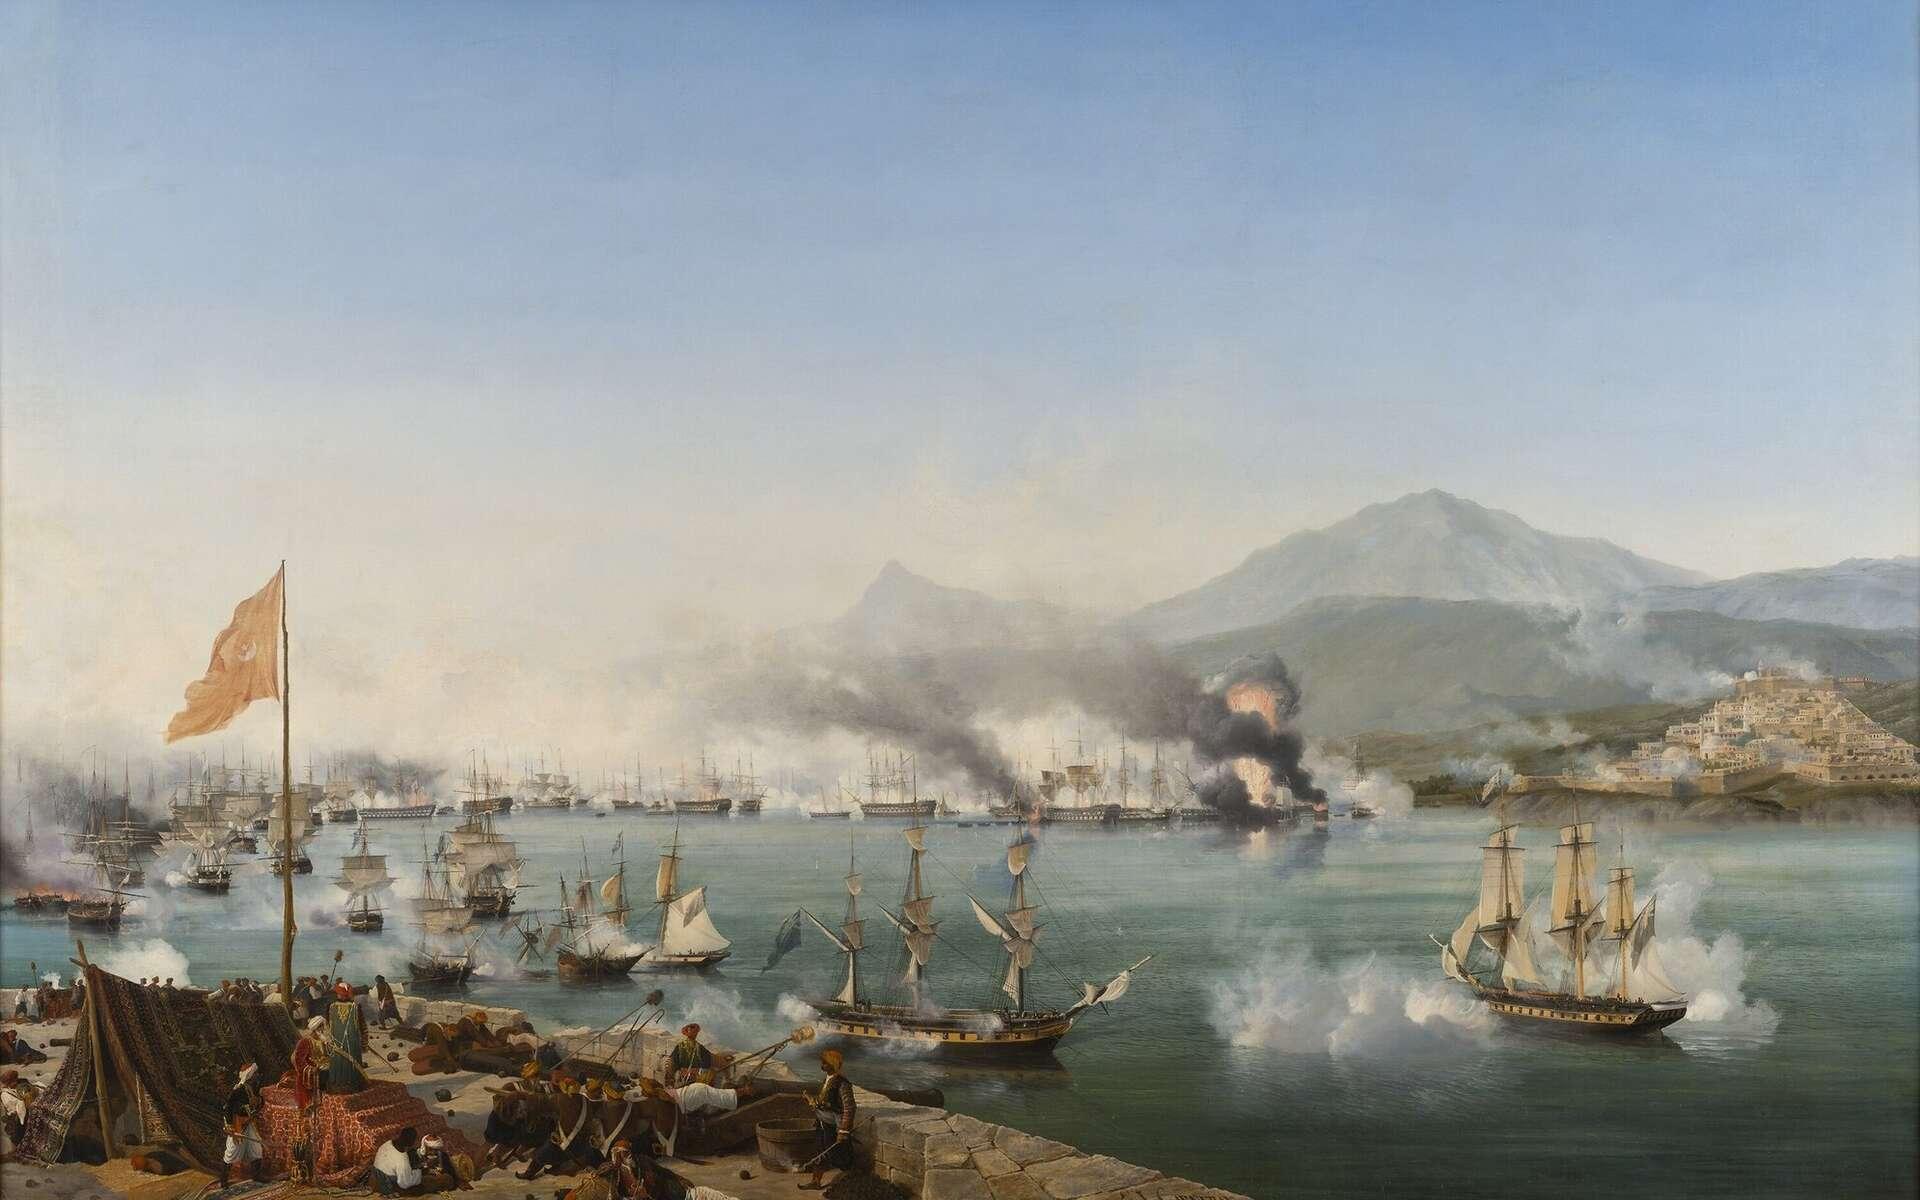 La bataille navale de Navarin (octobre 1827) illustrant la coalition du Royaume-uni, de la France, et de la Russie contre l'Empire ottoman, lors de la guerre d'indépendance de la Grèce. © Garneray, Wikimedia Commons, DP